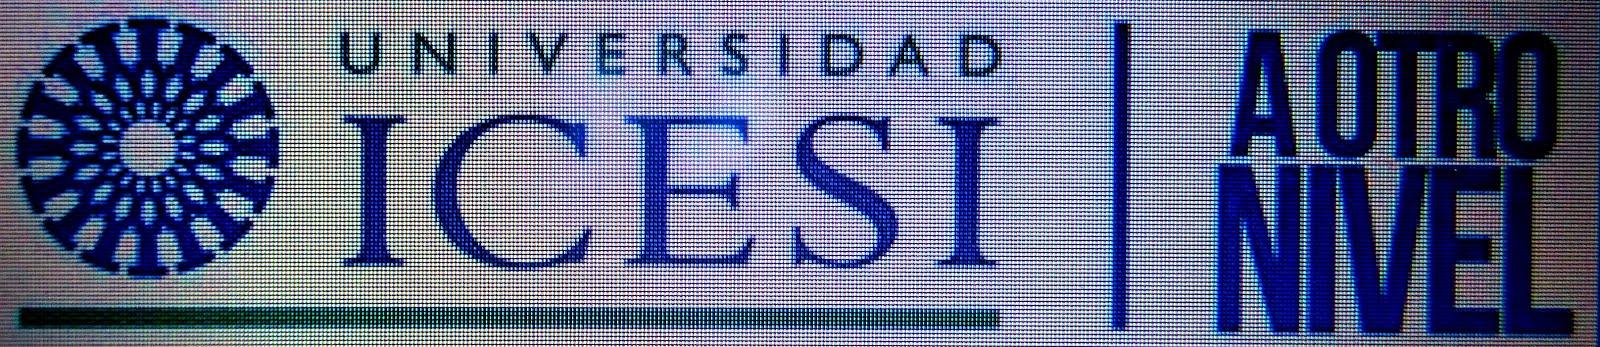 UNIVERSIDAD ICESI-CALI-COLOMBIA